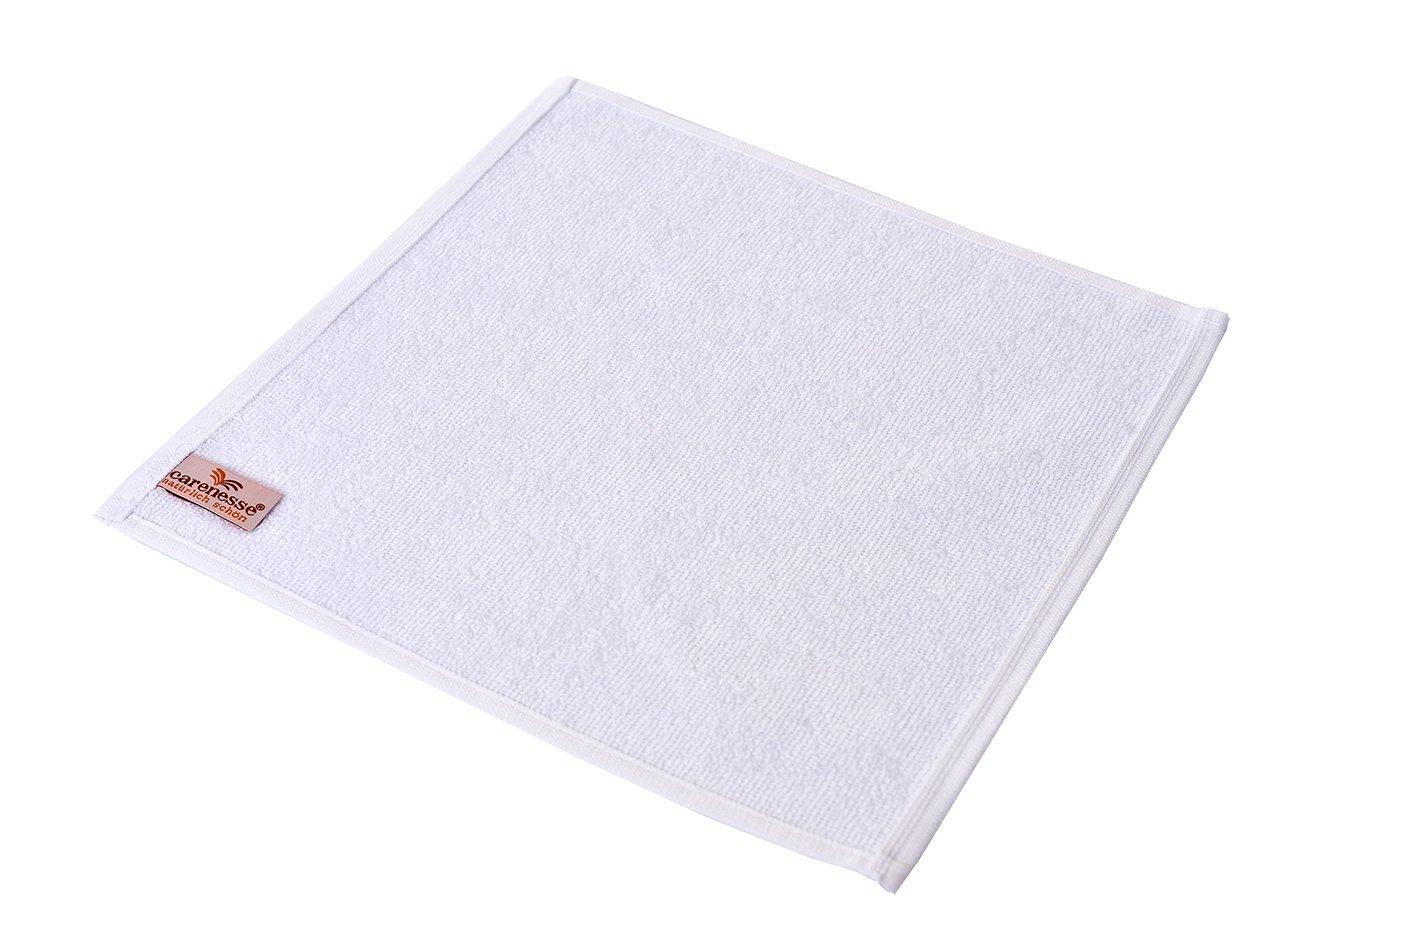 Carenesse manopla de baño conjunto de 6, 30 x 30 cm, calidad premium de hotel, 100% algodón, blanco